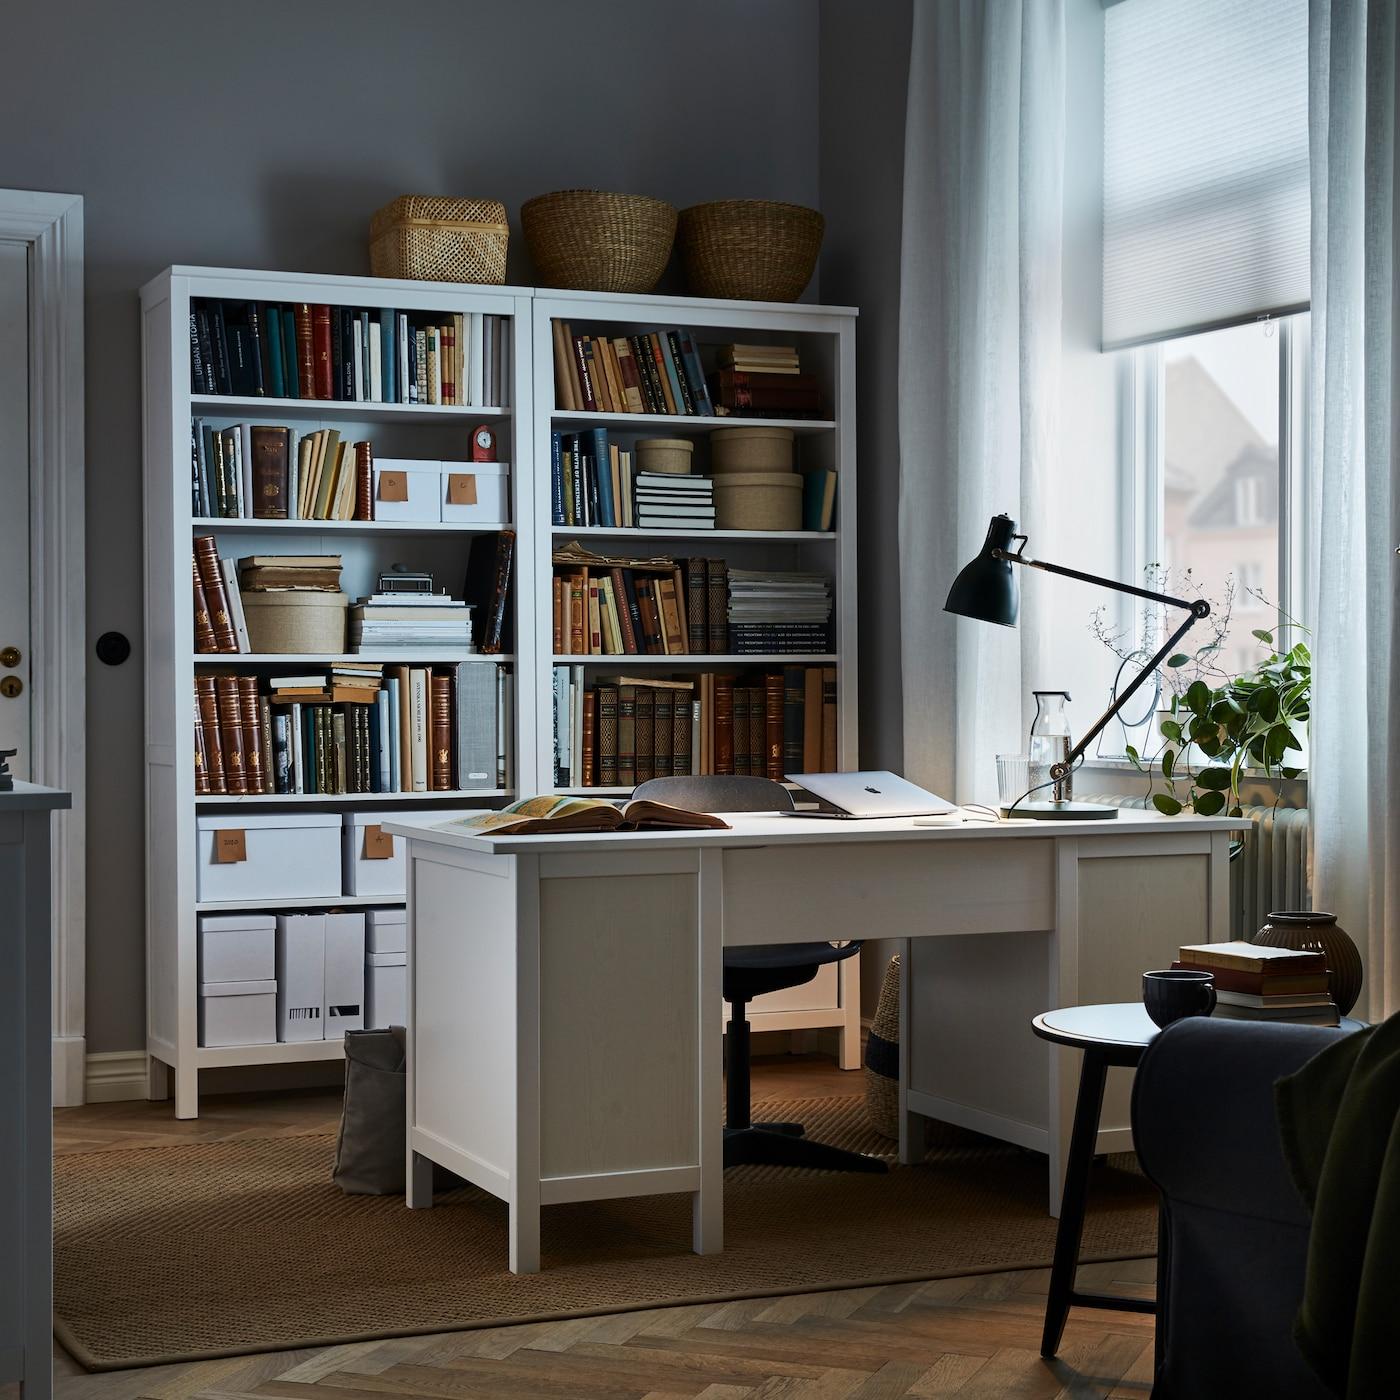 Комната с белым столом по центру, за ним стоит высокий книжный шкаф в том же стиле, на столе зеленая рабочая лампа.